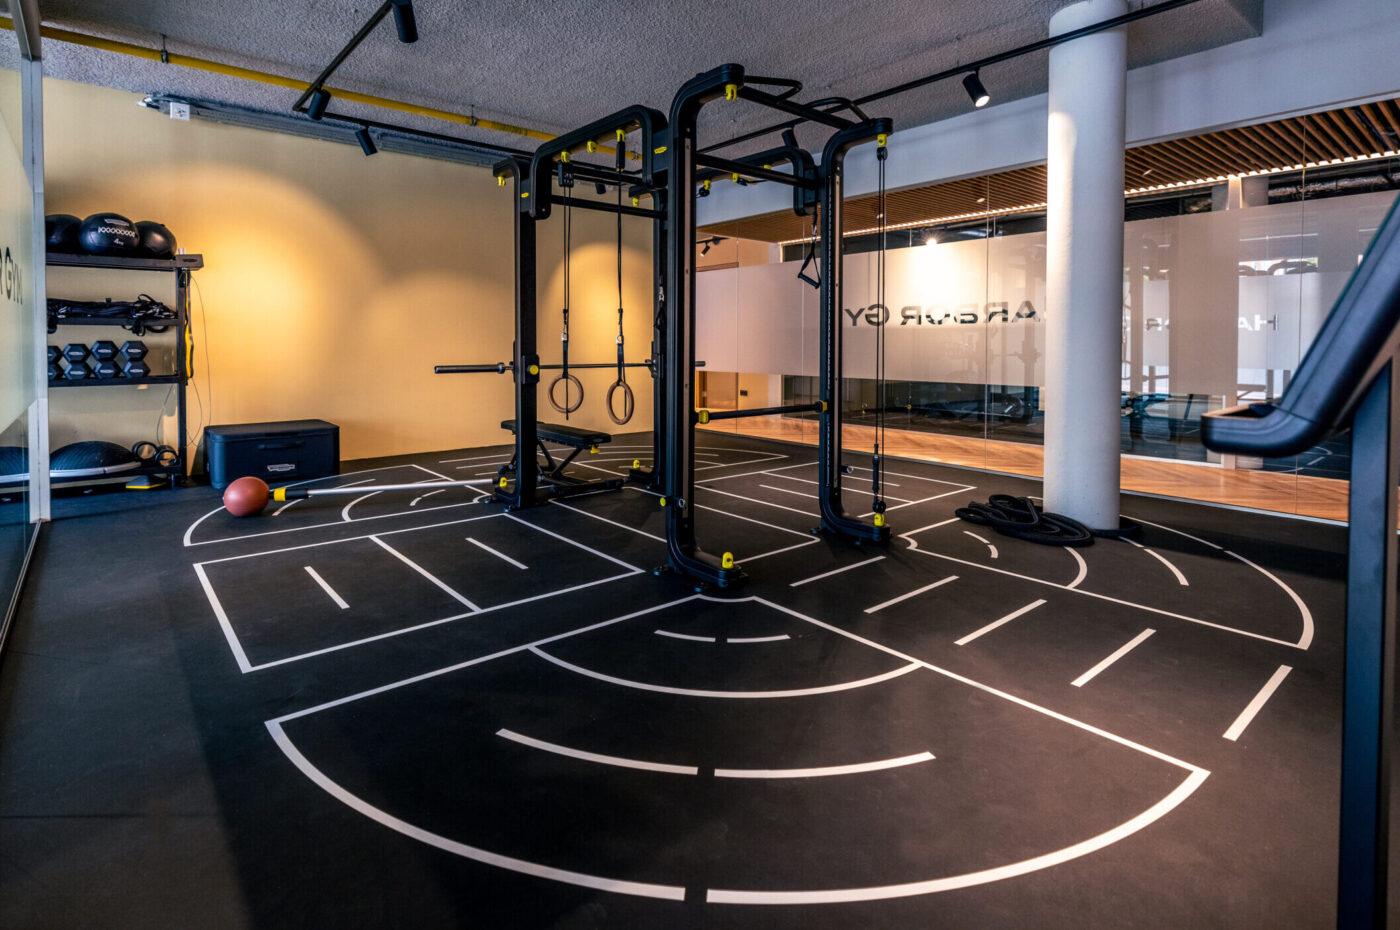 ruimte voor groepsles bij Harbor Gym Nijmegen